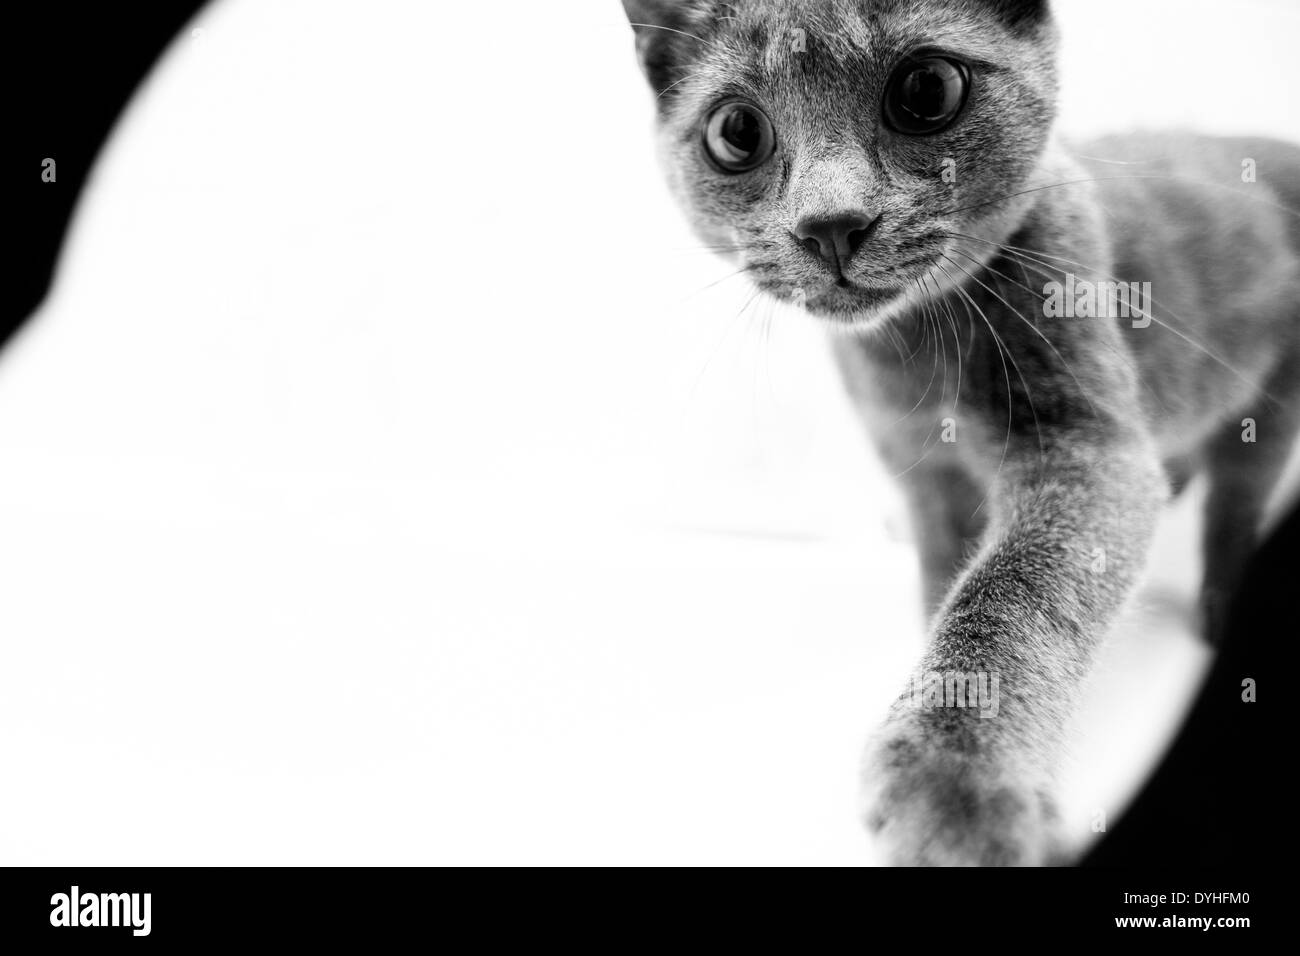 Un gato gris en fondo blanco. Foto de stock